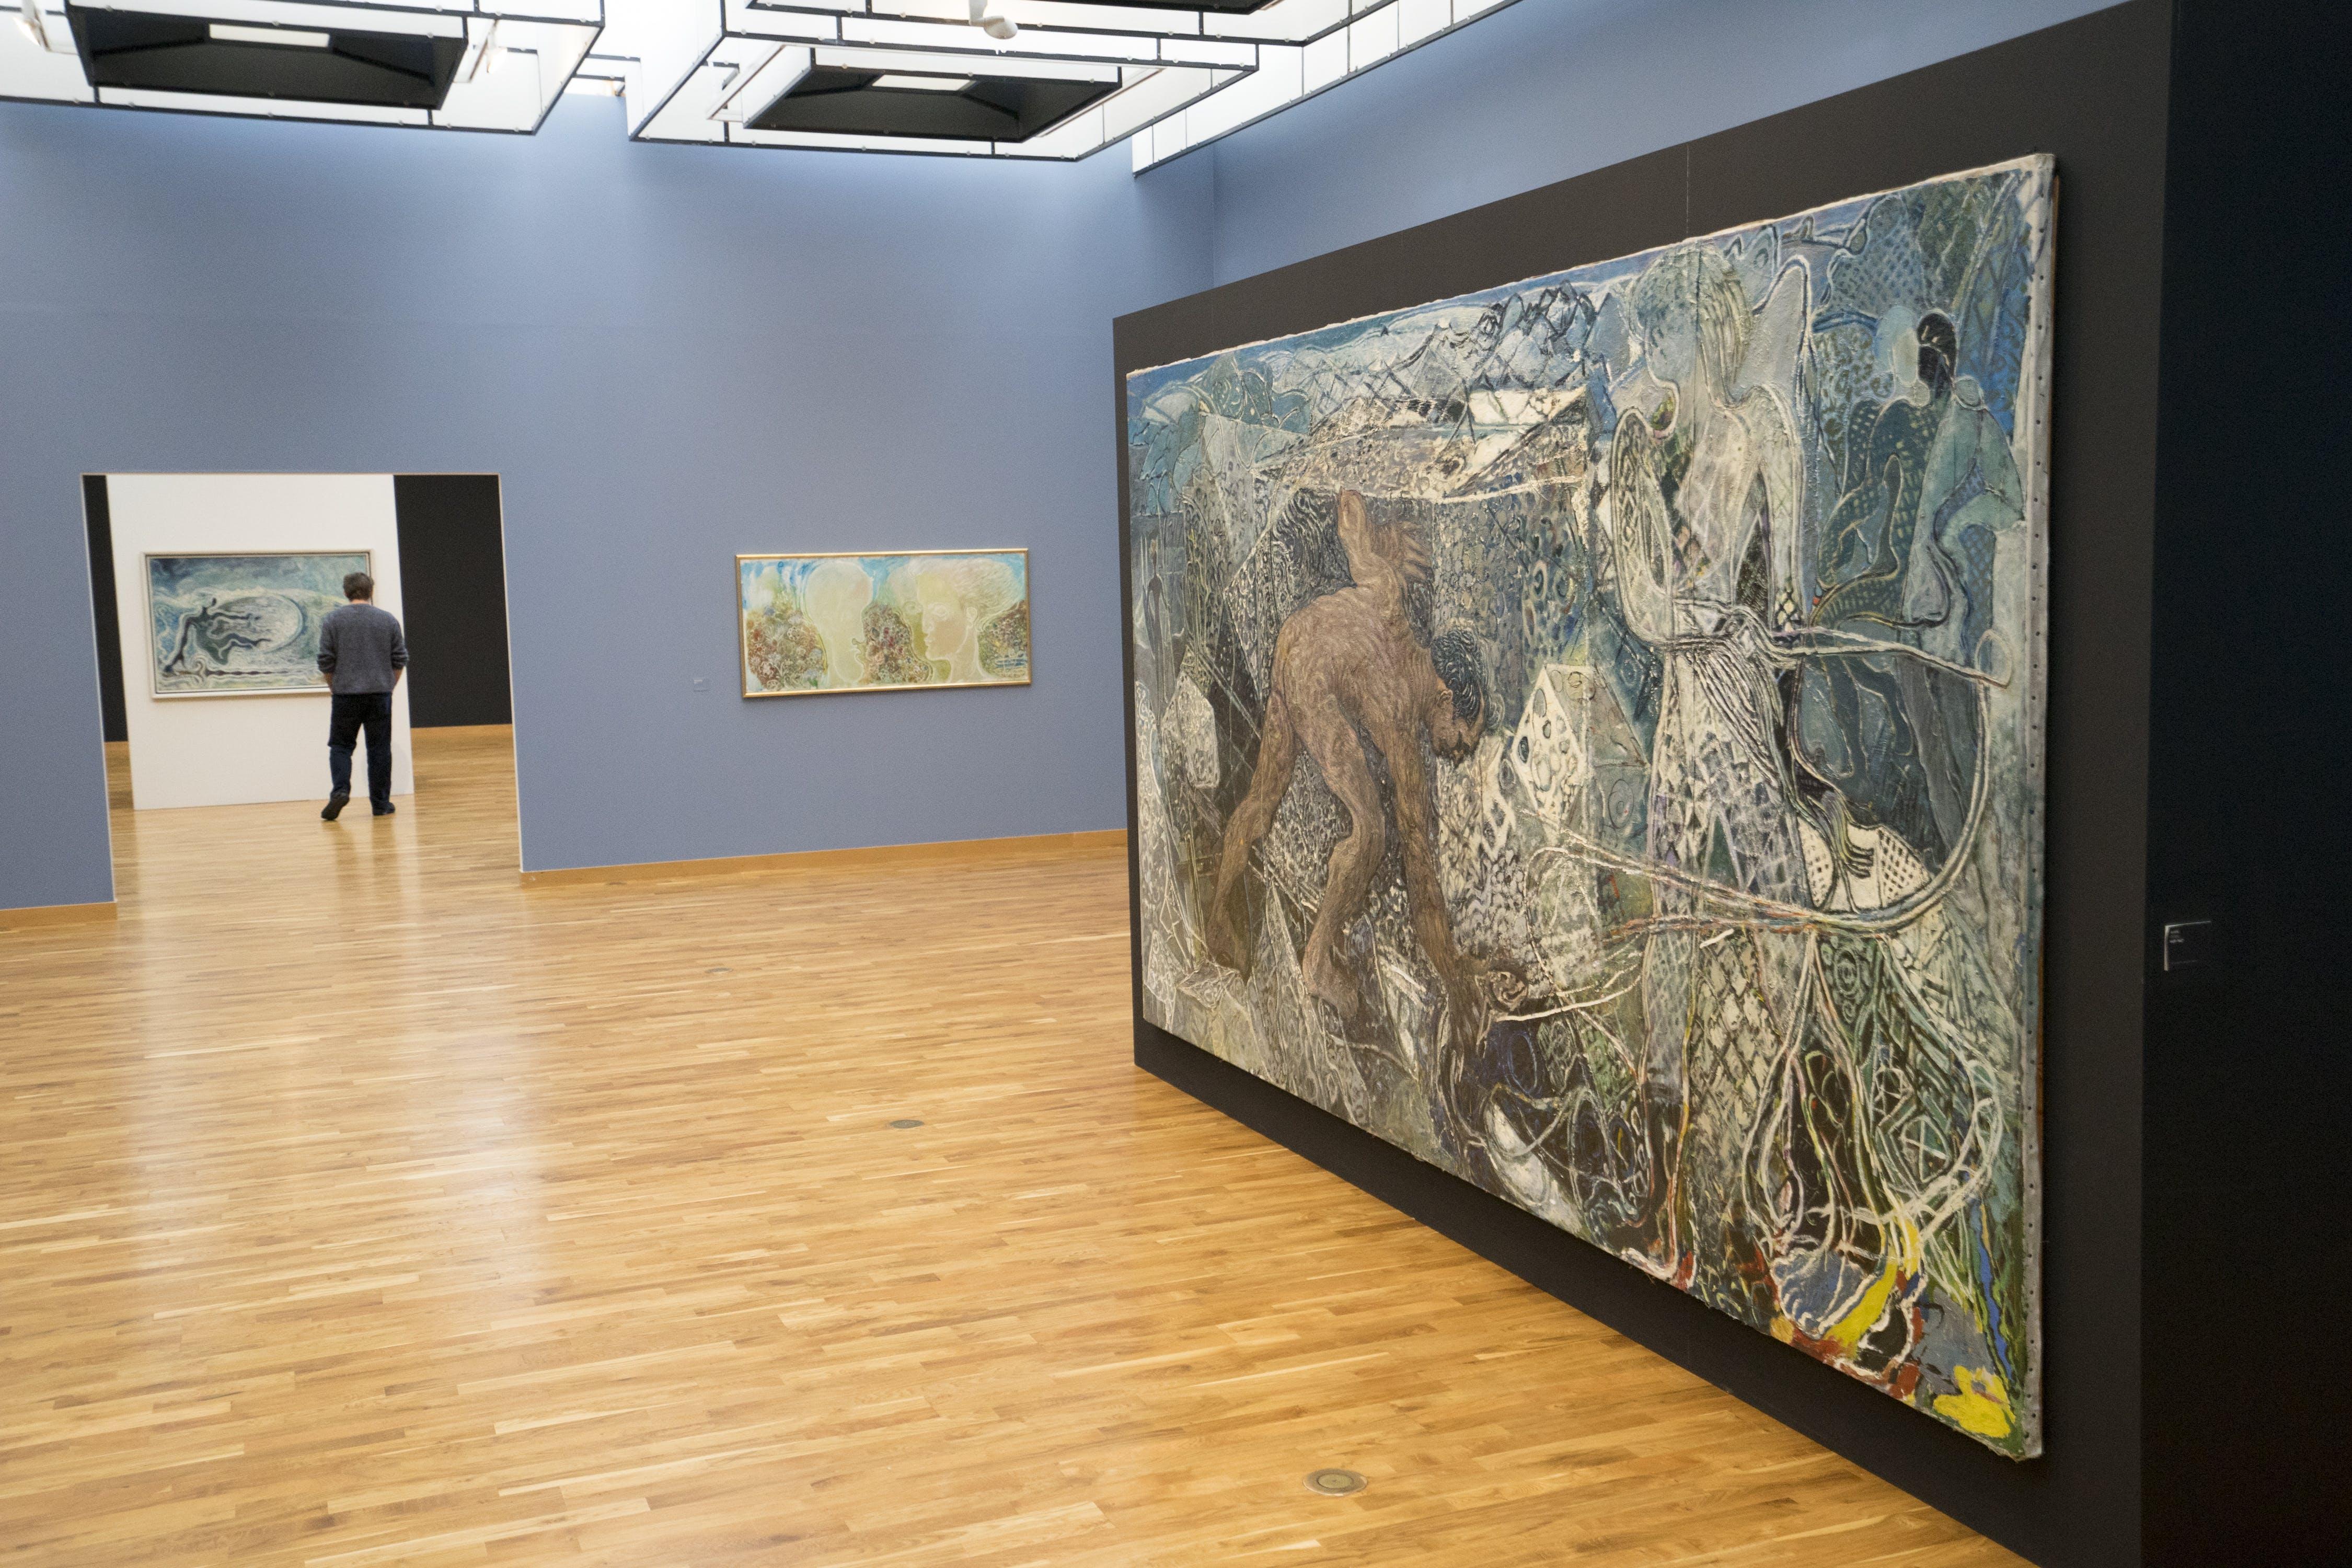 A man visiting an art gallery